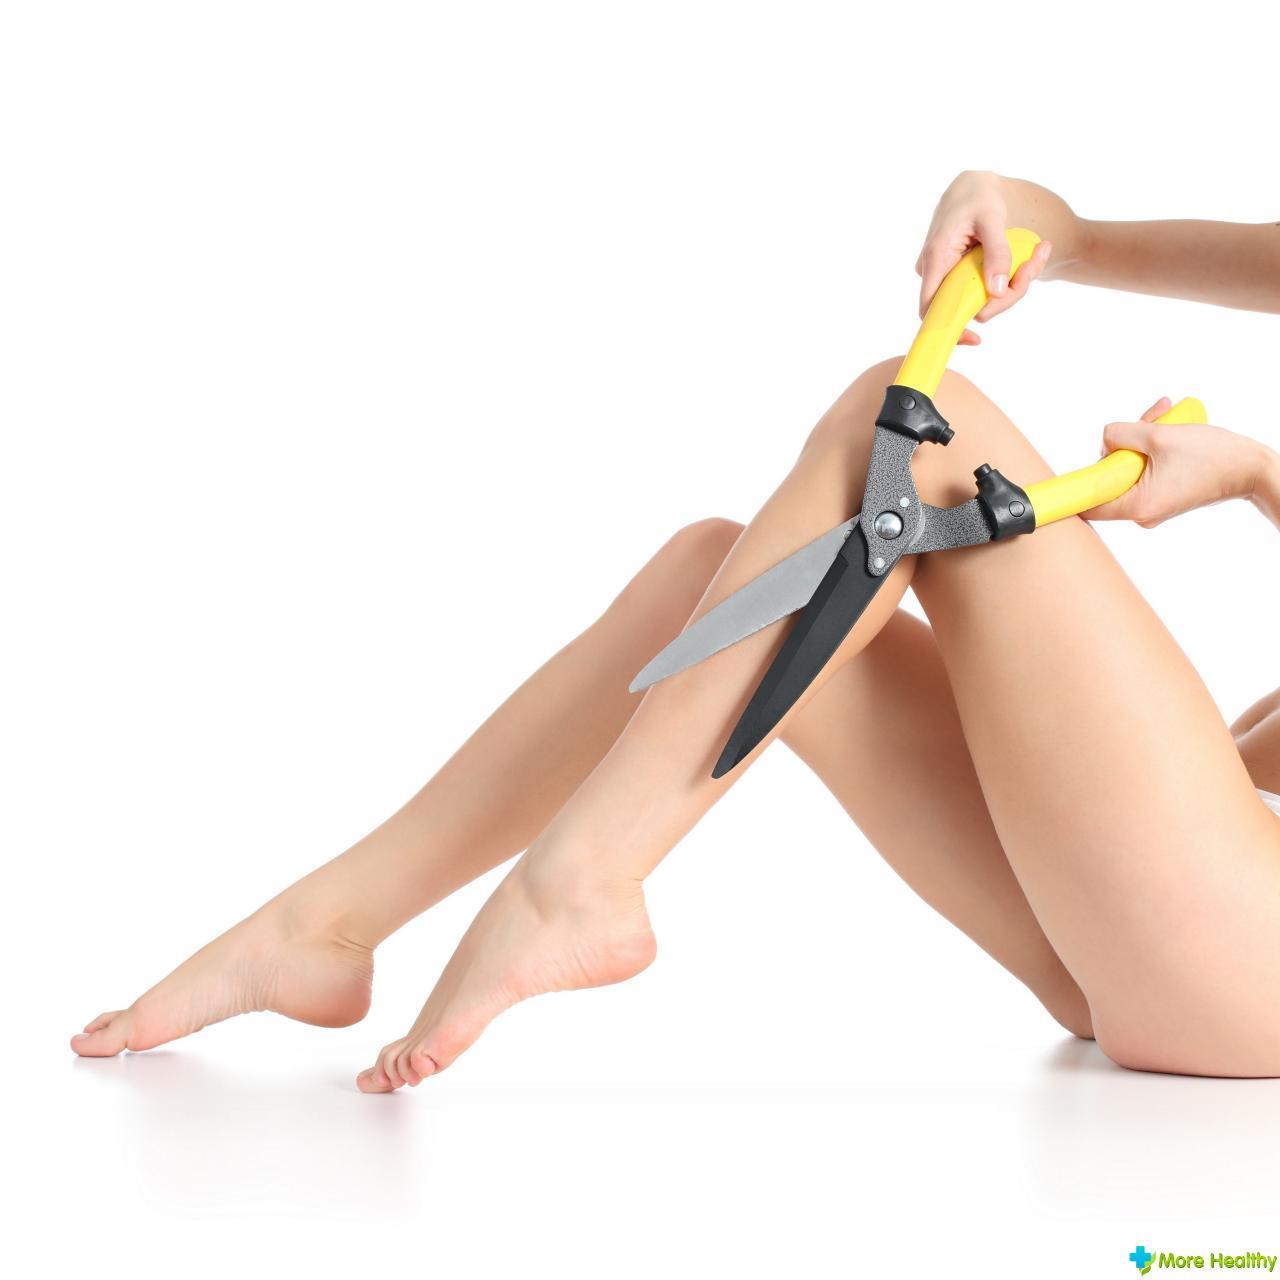 удаление волос интимной зоны видео